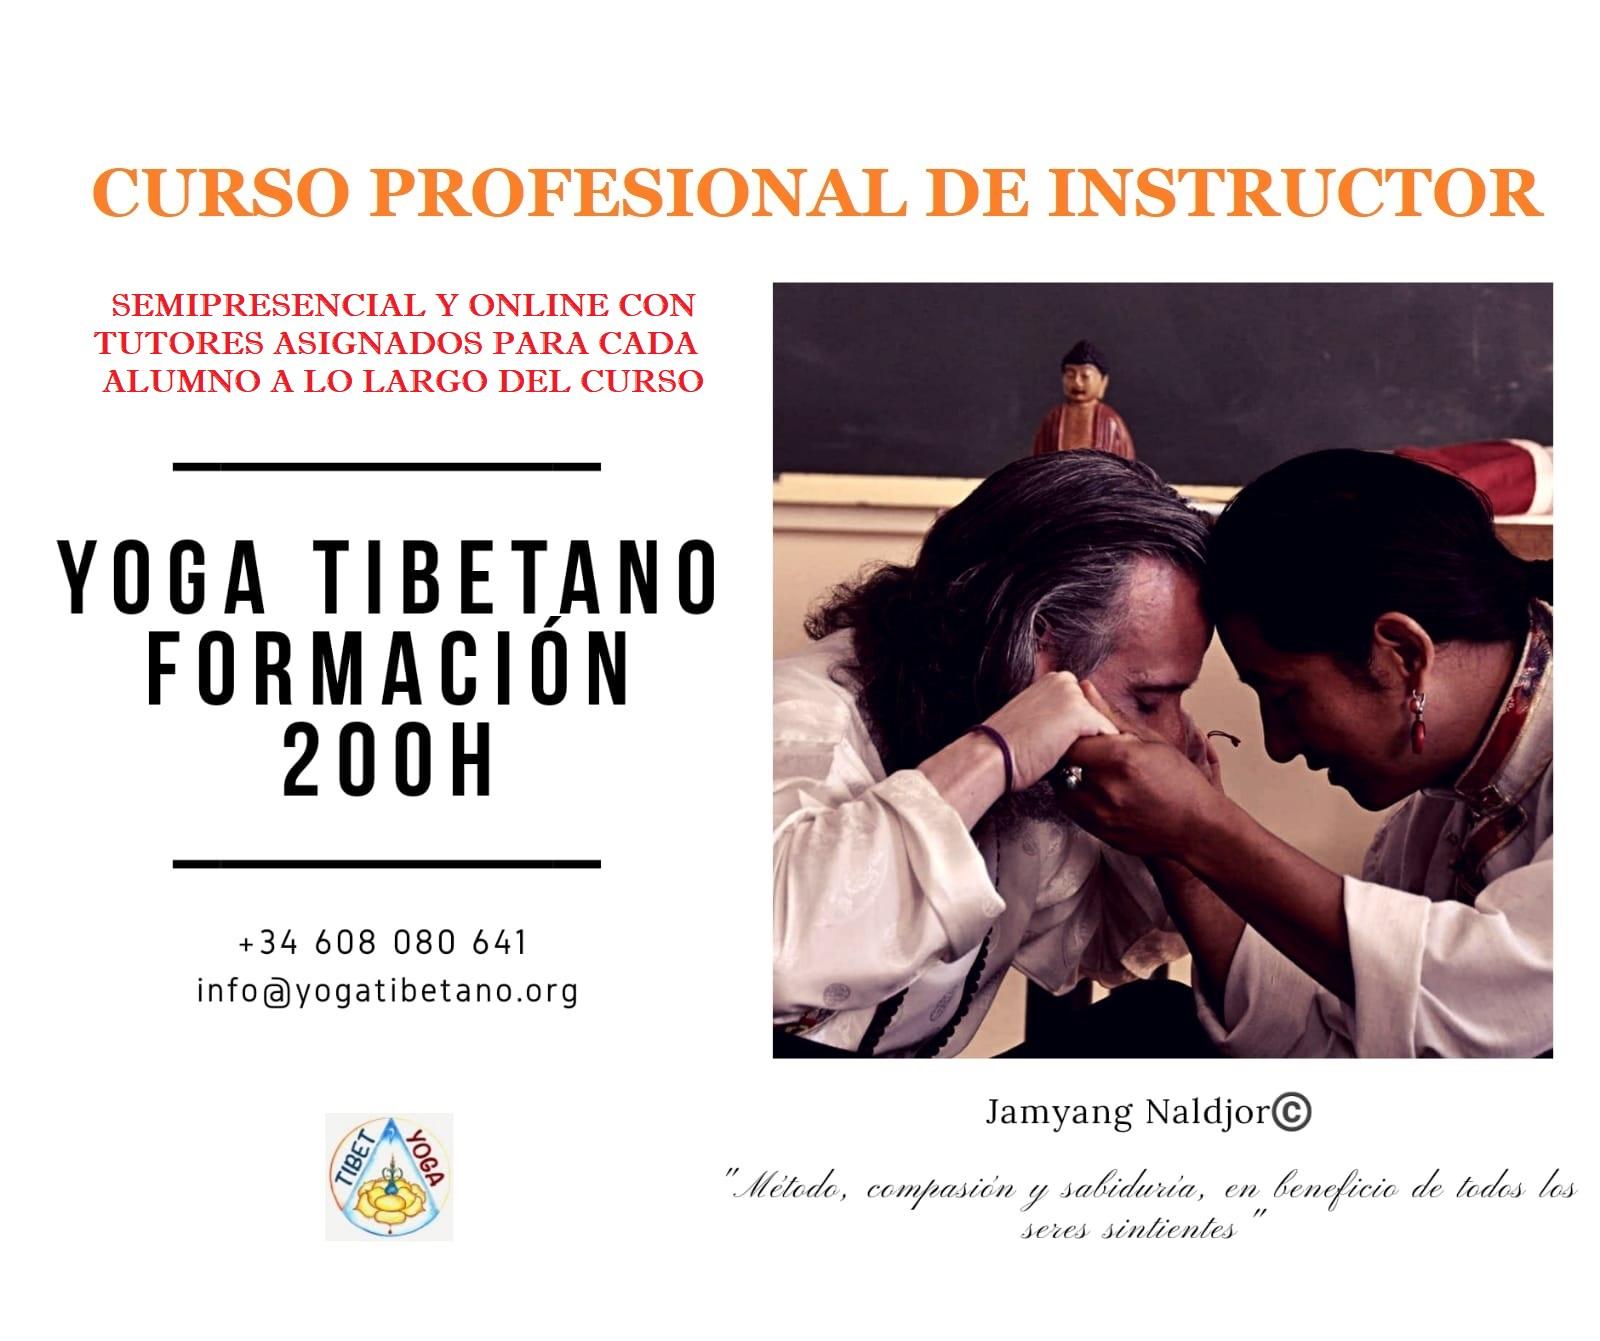 Formación Yoga Tibetano